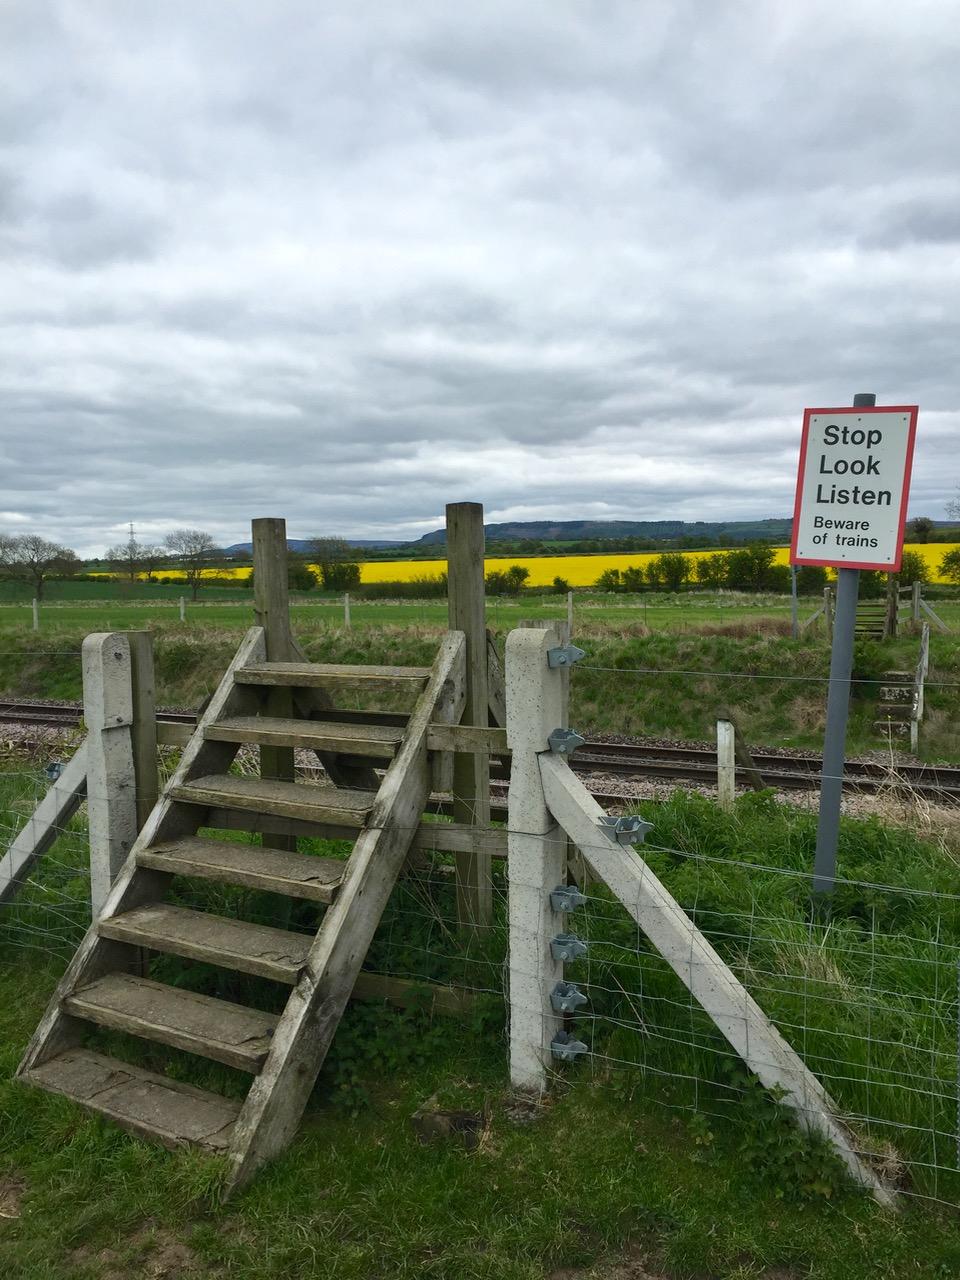 A somewhat adventurous railway crossing - Een nogal spannende spoorwegovergang.